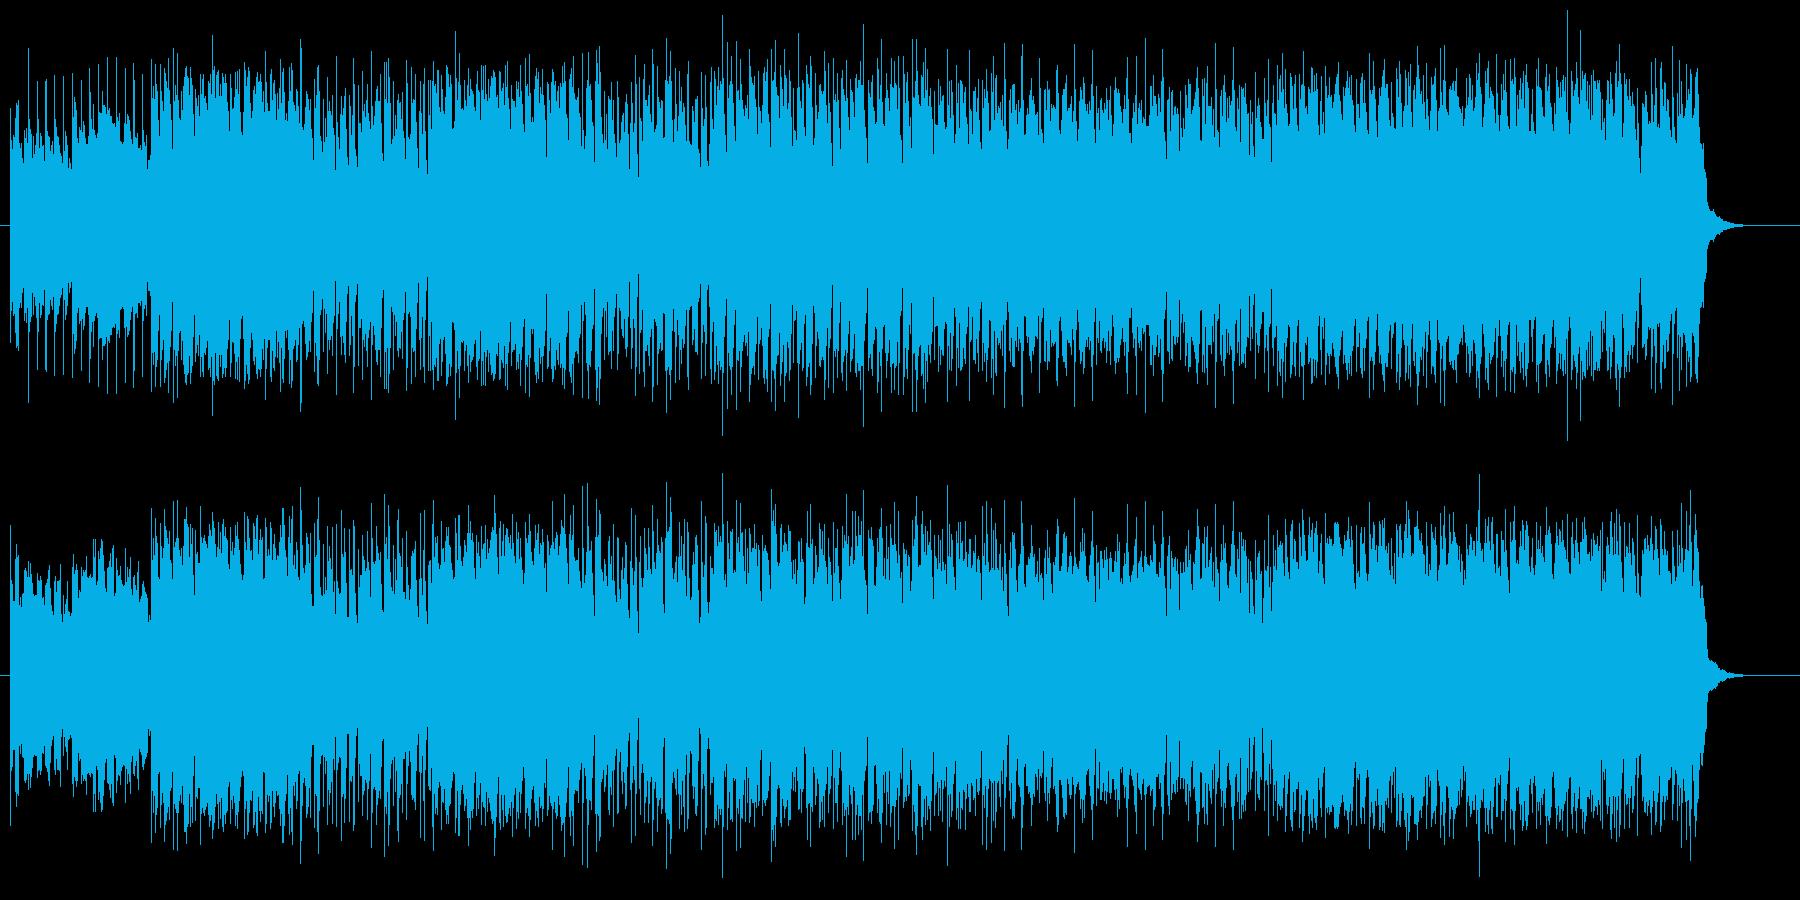 軽快で明るいギターサウンドのロックの再生済みの波形